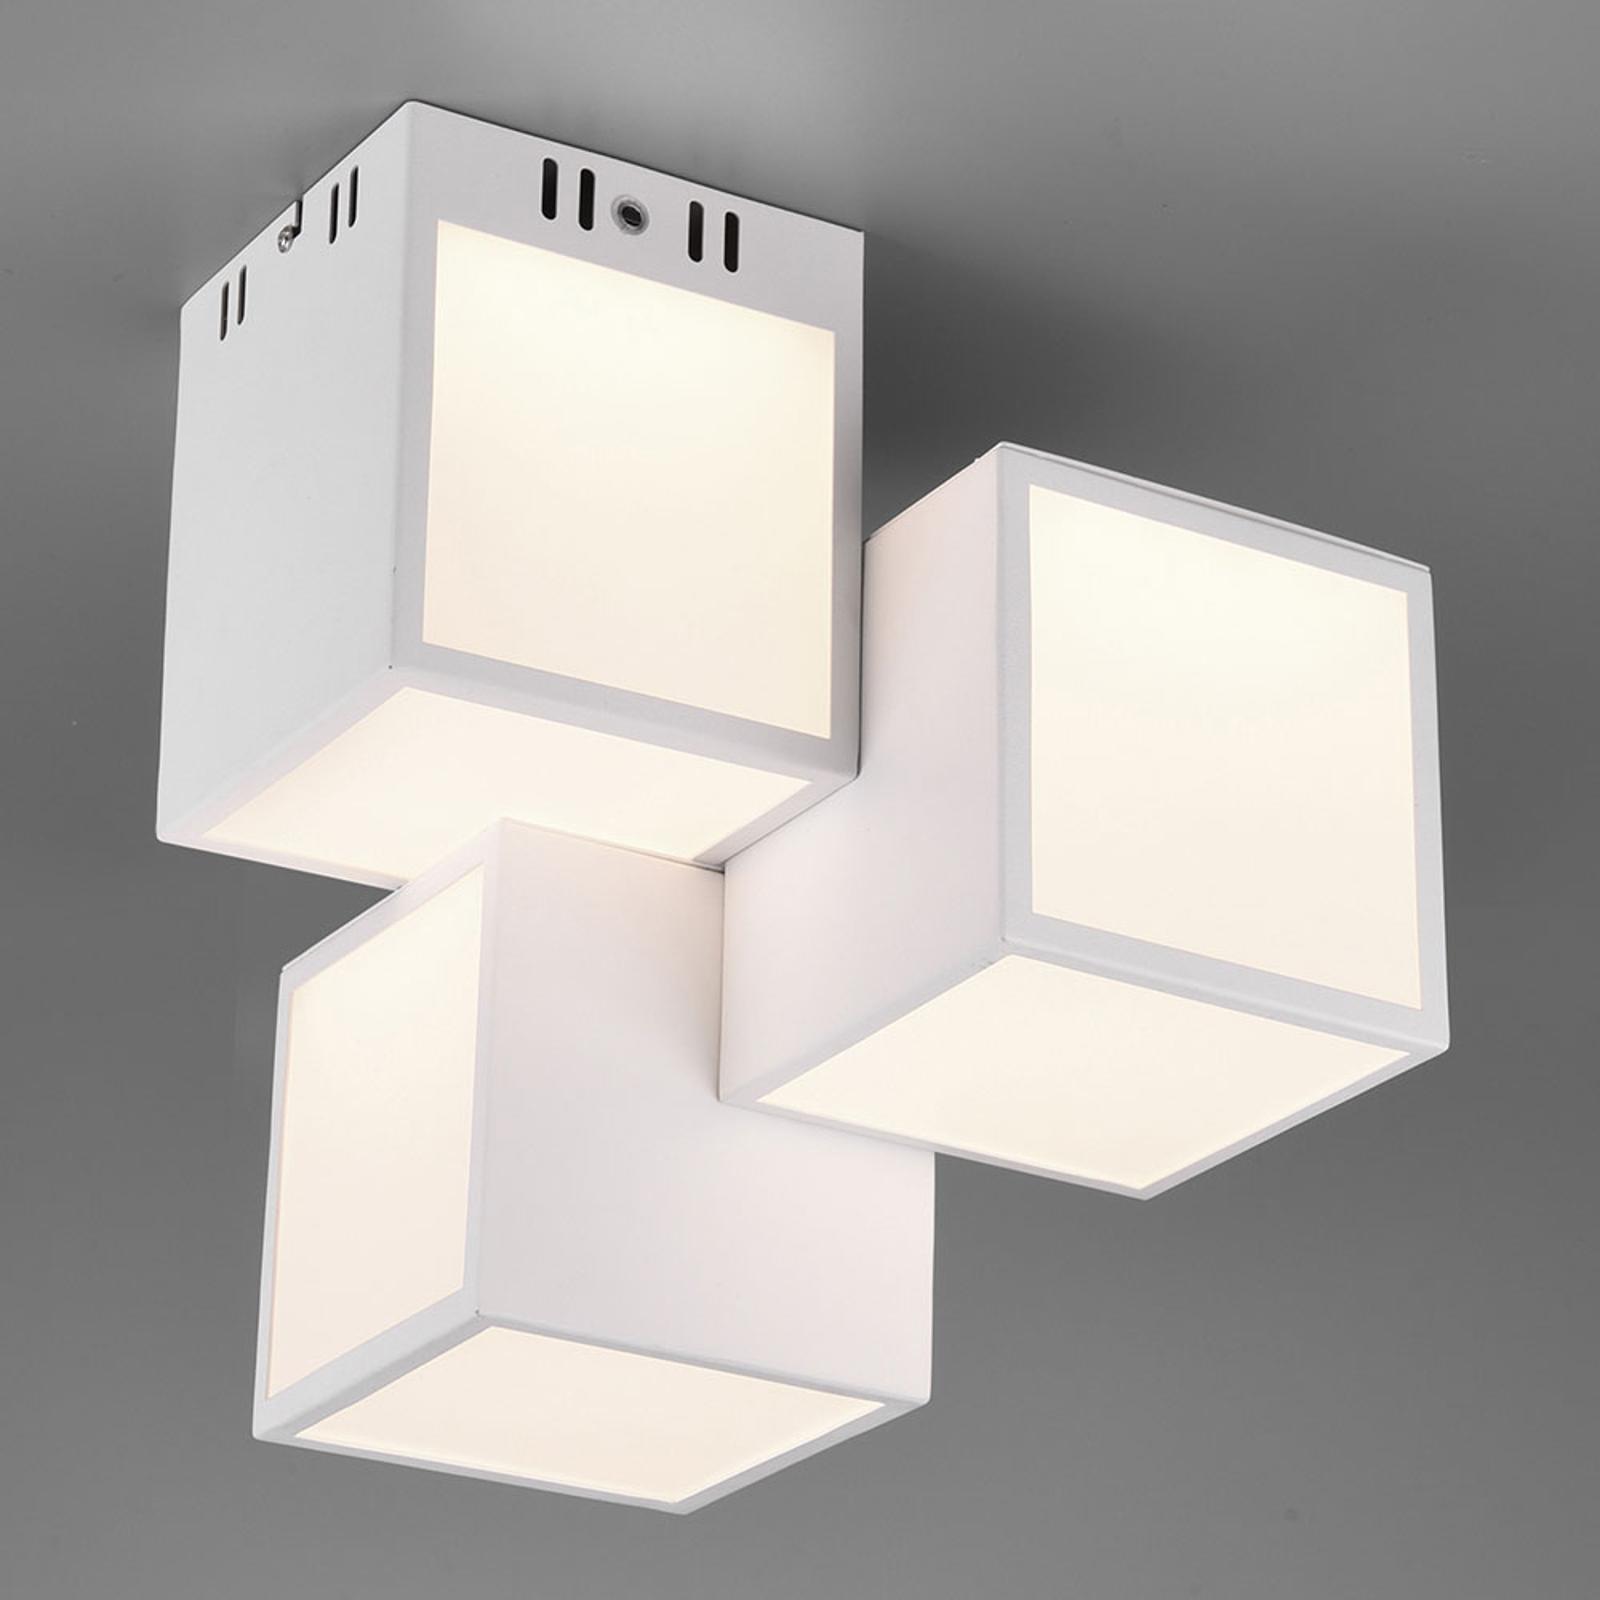 Trio WiZ Oscar LED-taklampa 30 x 30 cm, vit